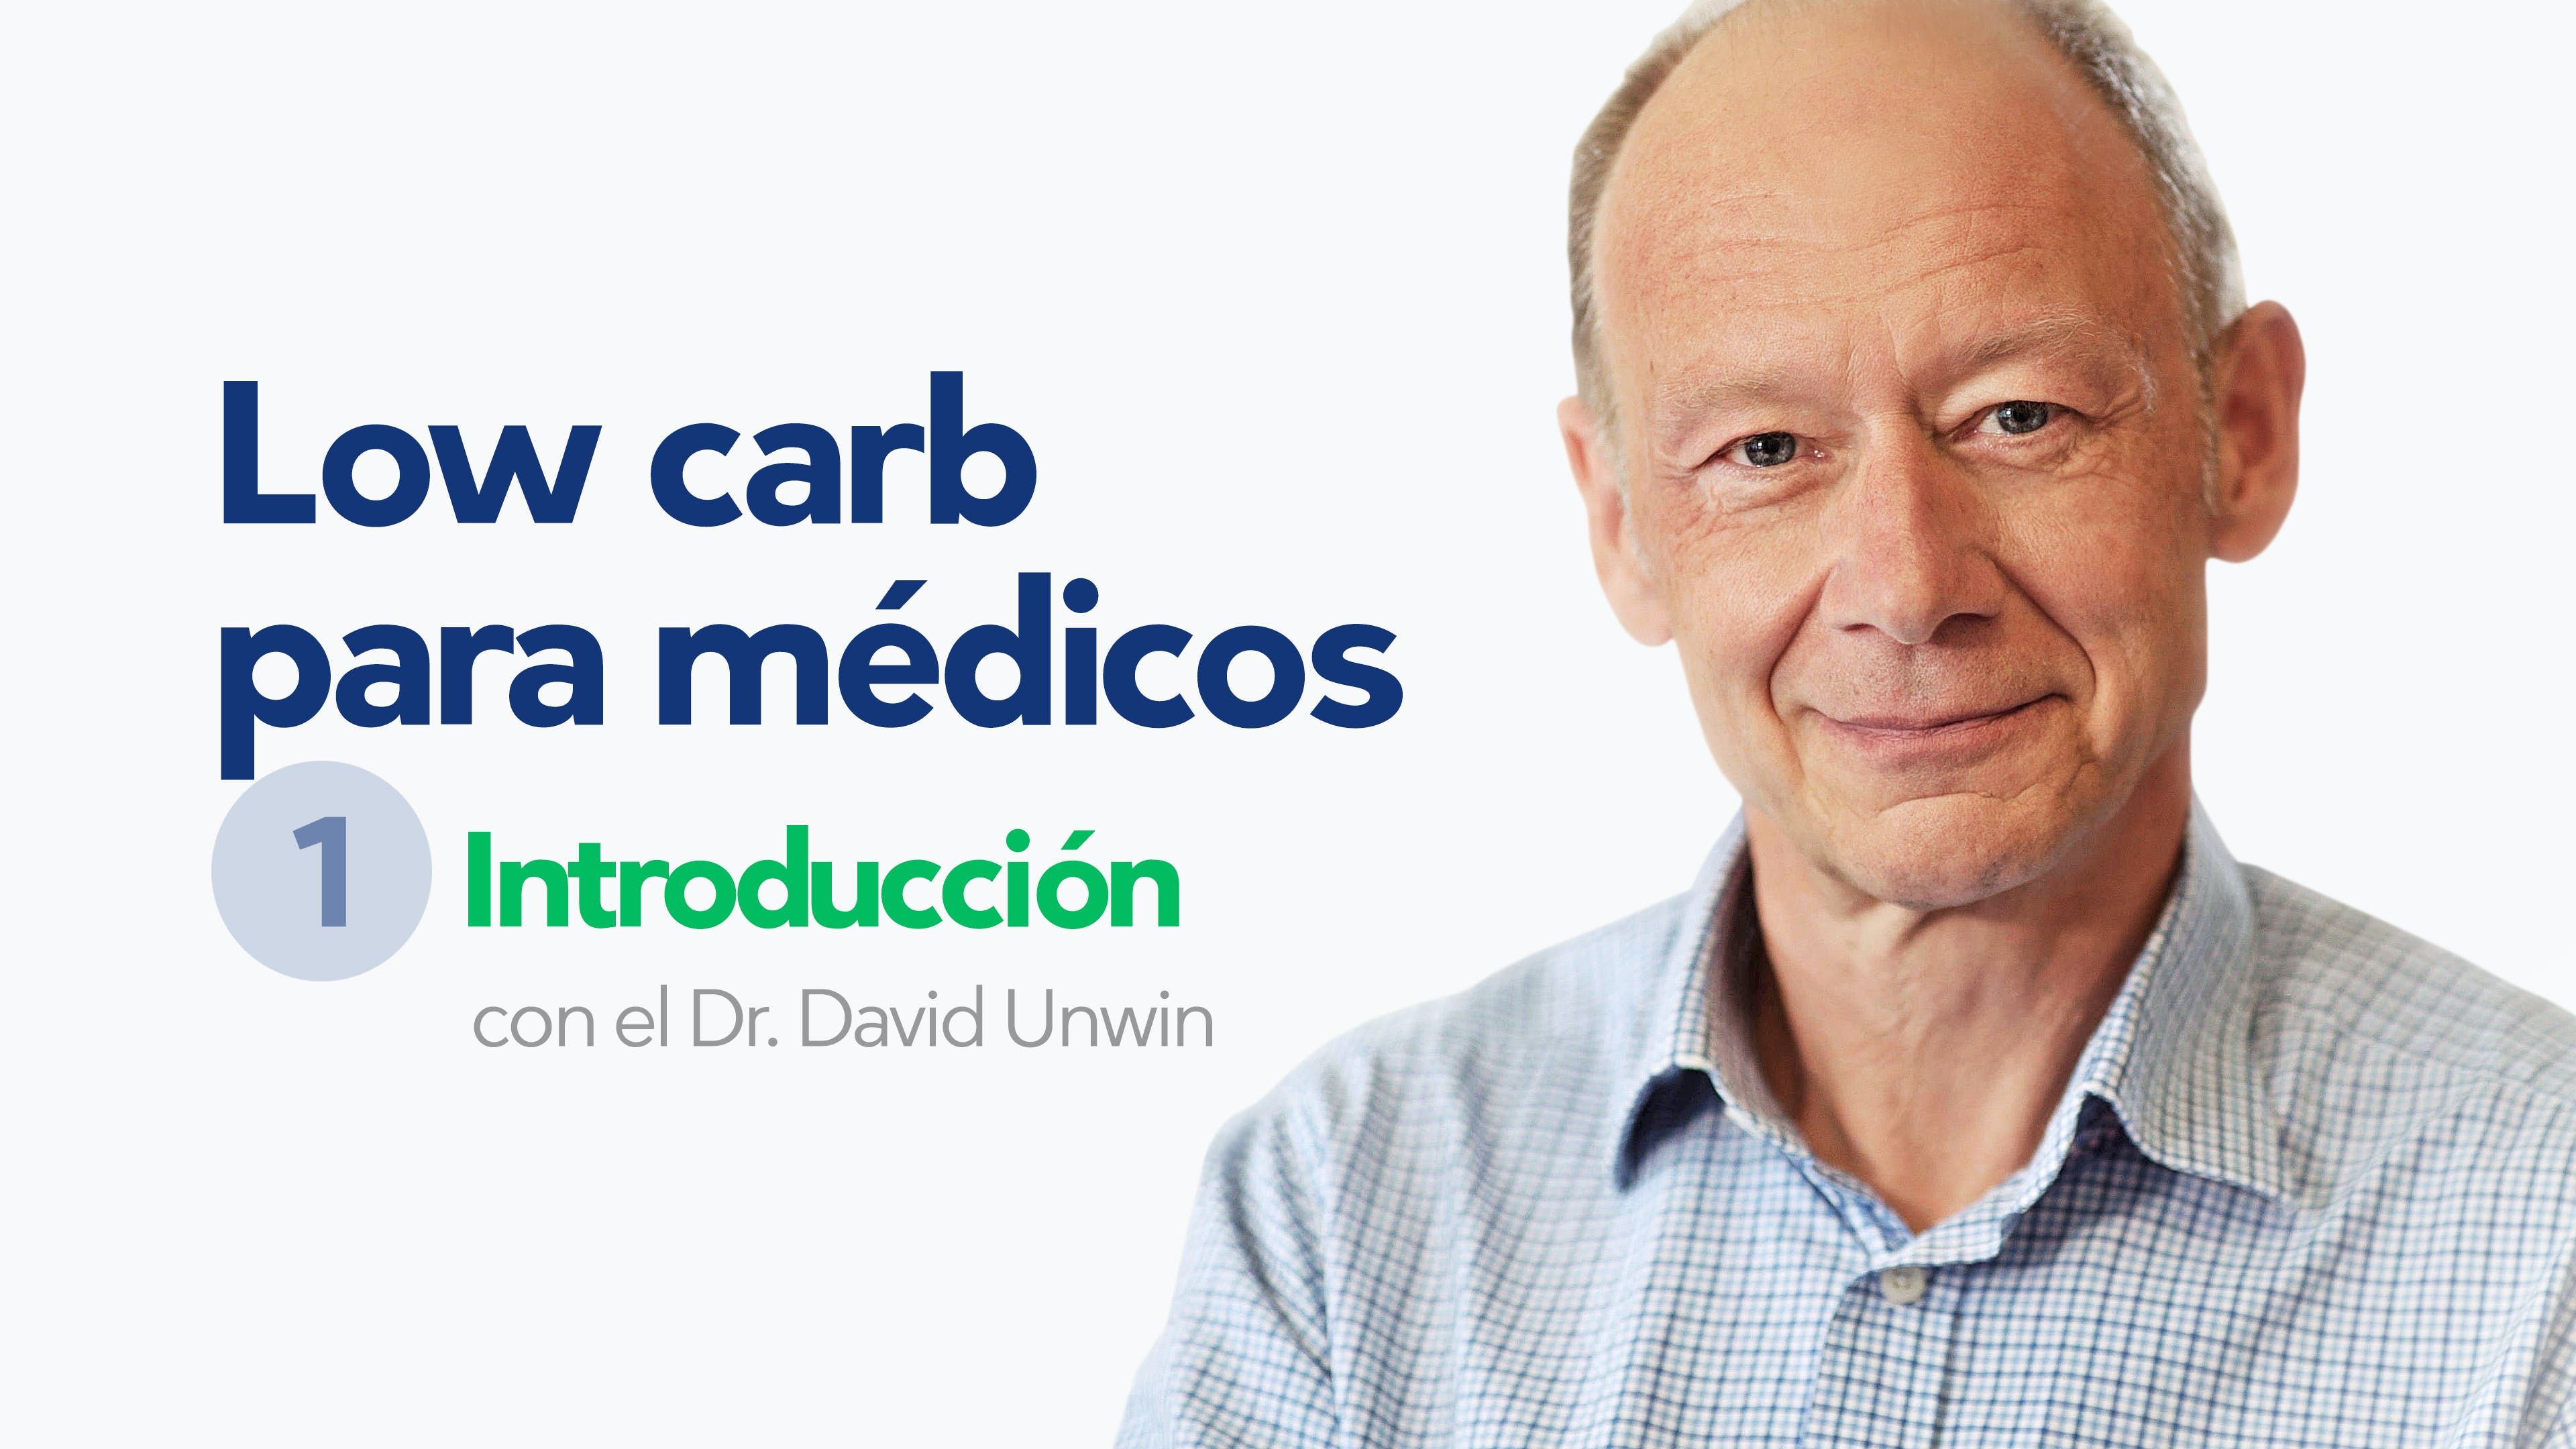 VIDEO - Low carb para médicos (Parte 1)